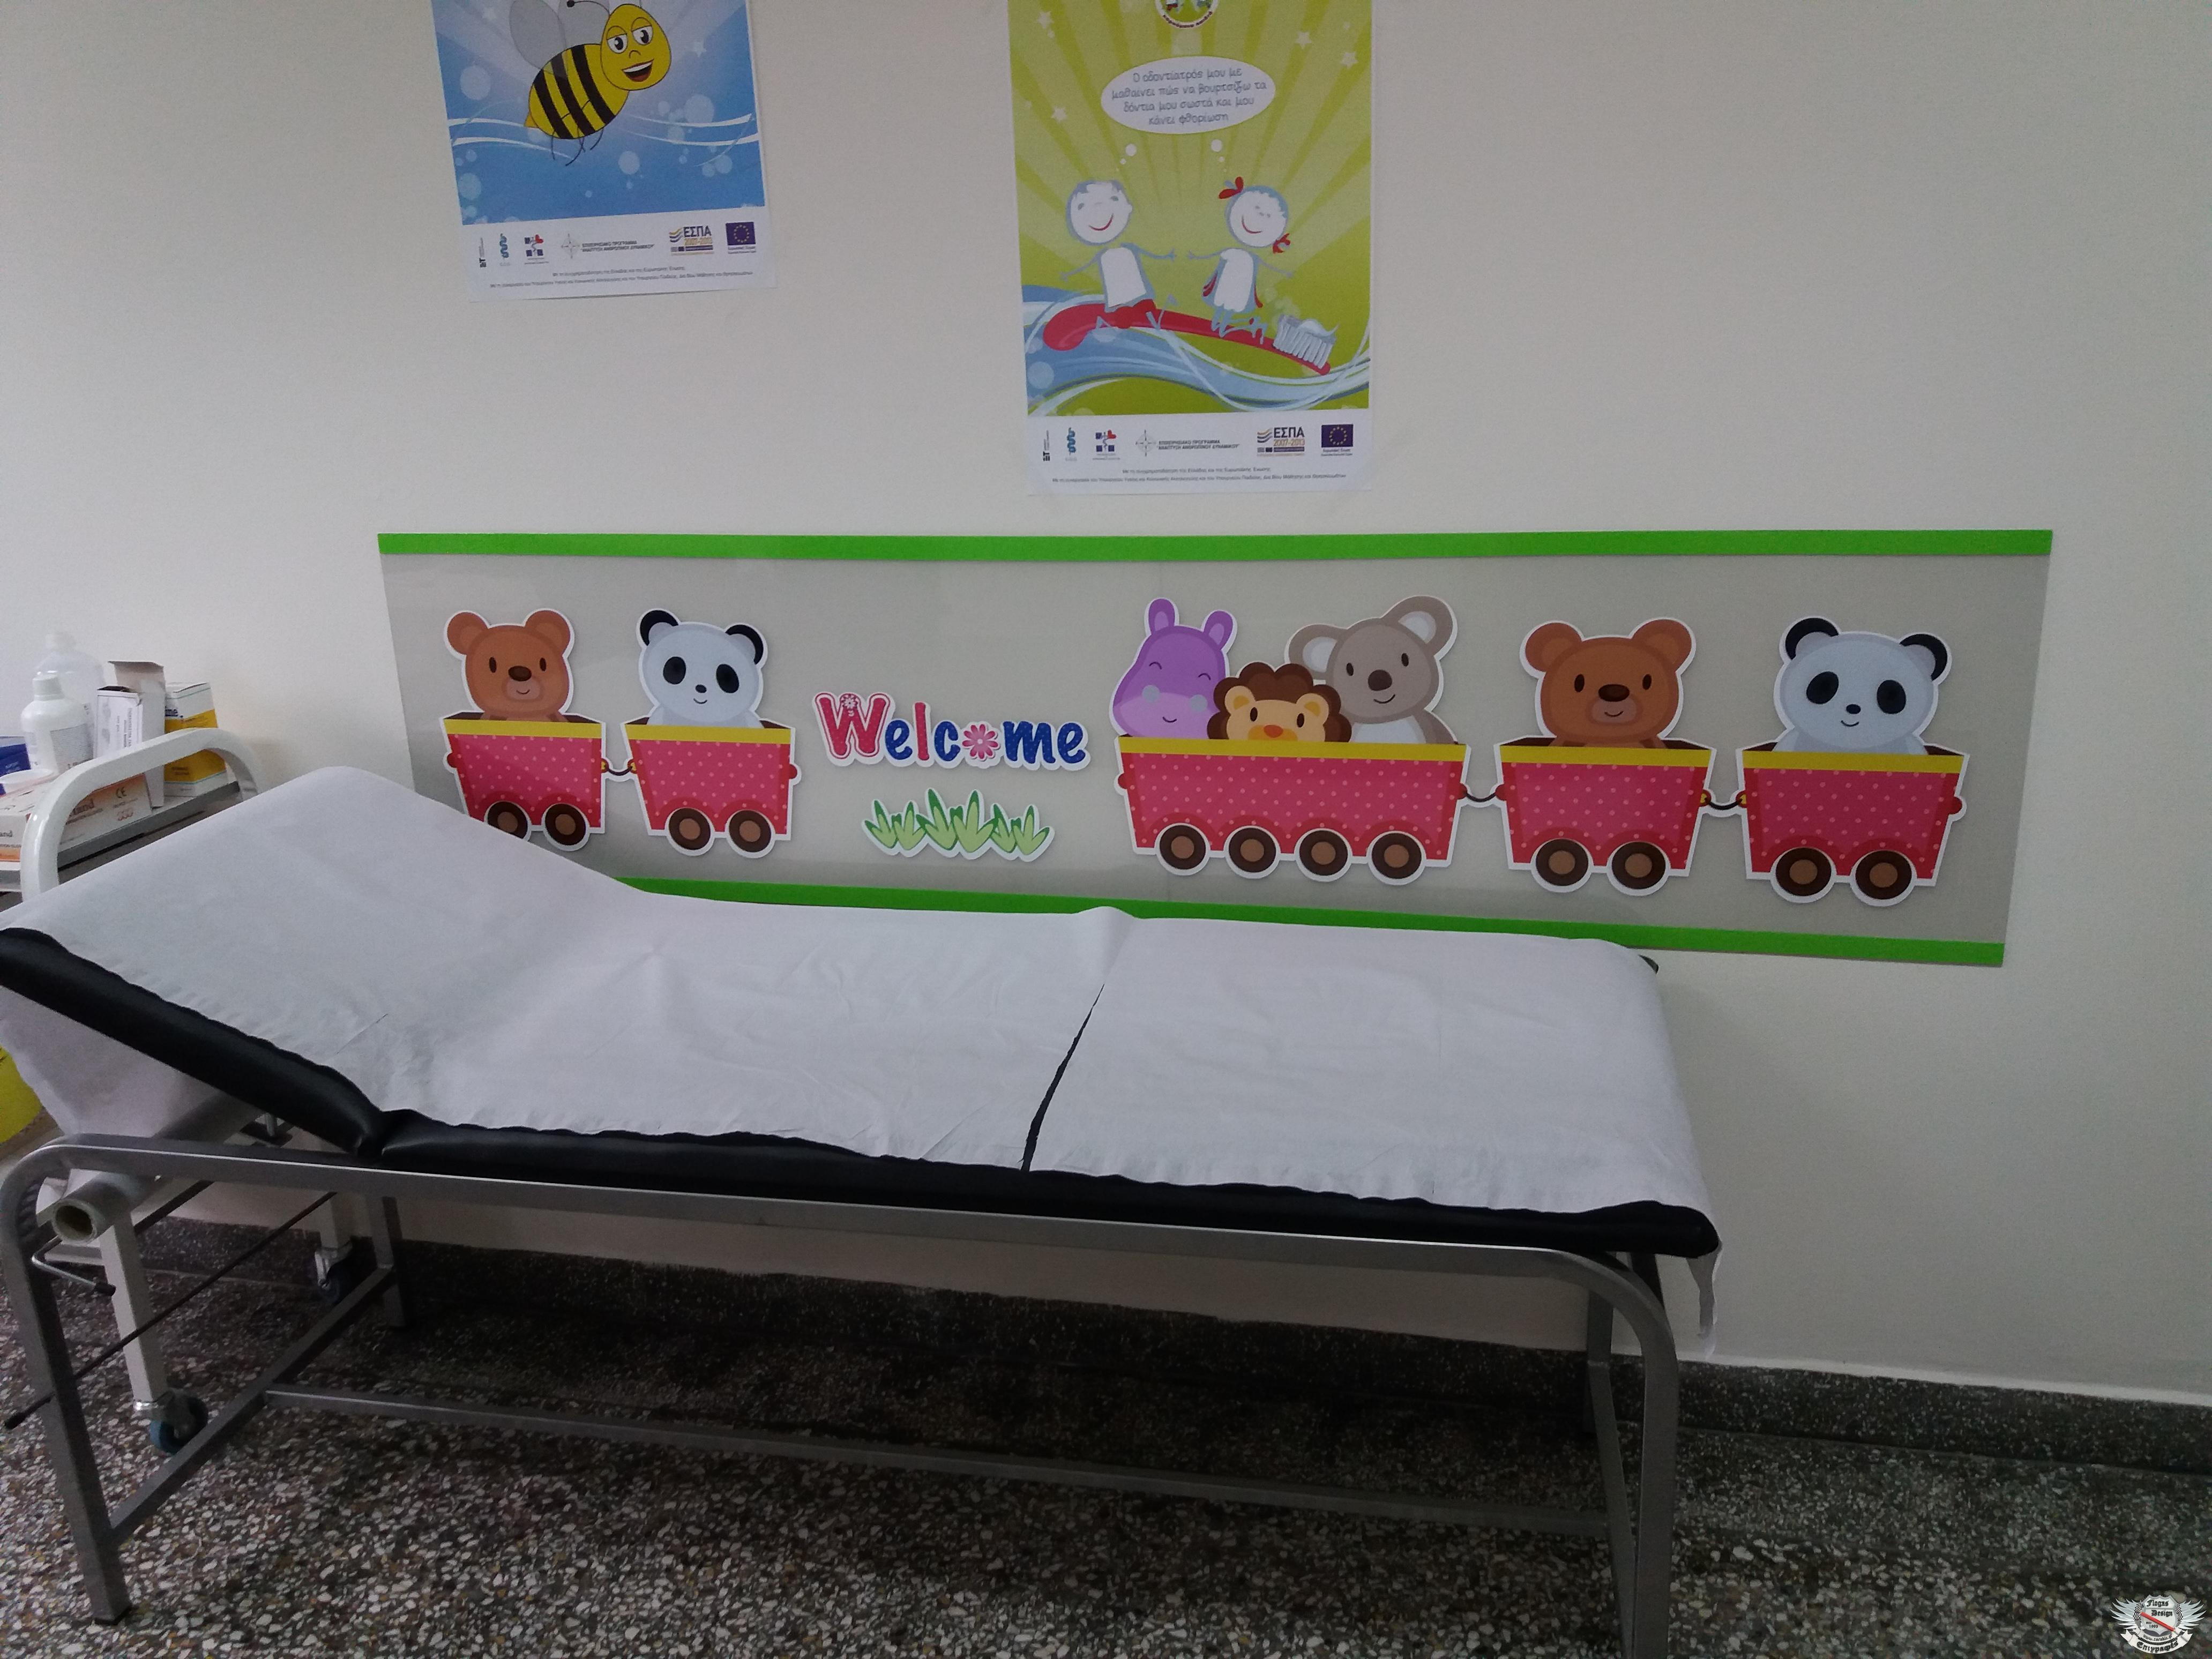 ψηφιακή εκτύπωση, plexiglass, διακόσμηση τοίχου, διακόσμηση ιατρικής μονάδας